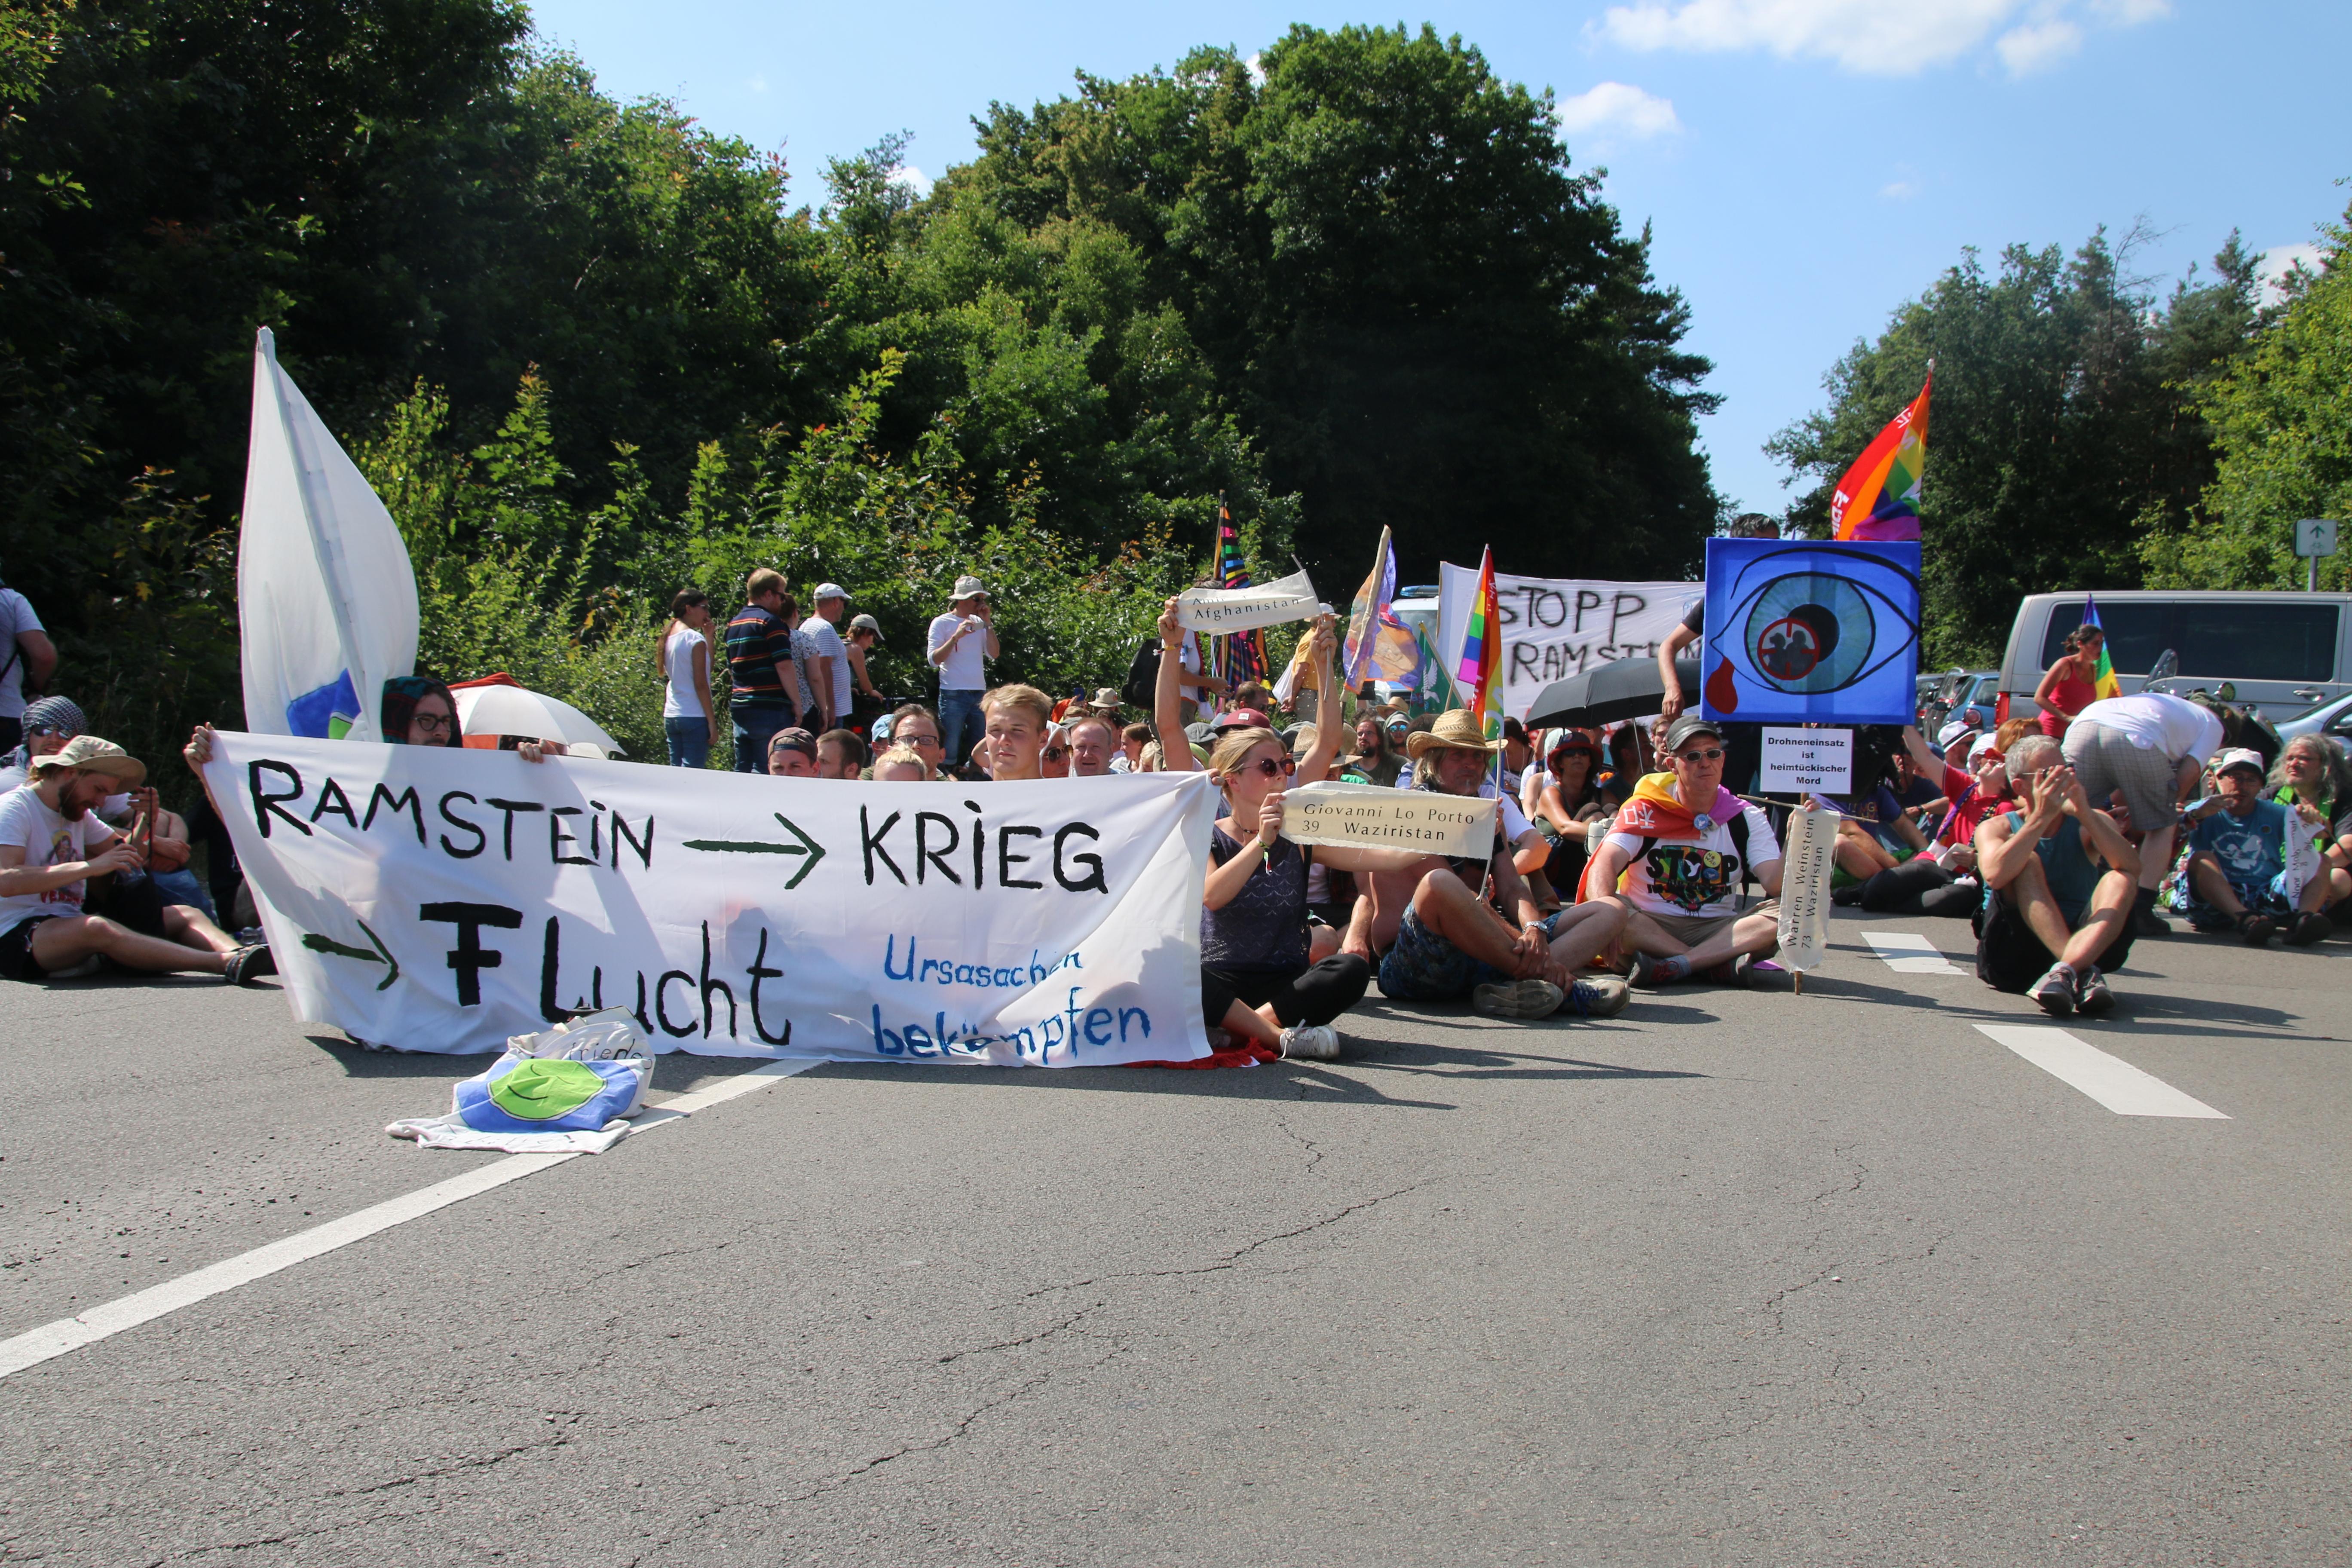 Blockade in Ramstein